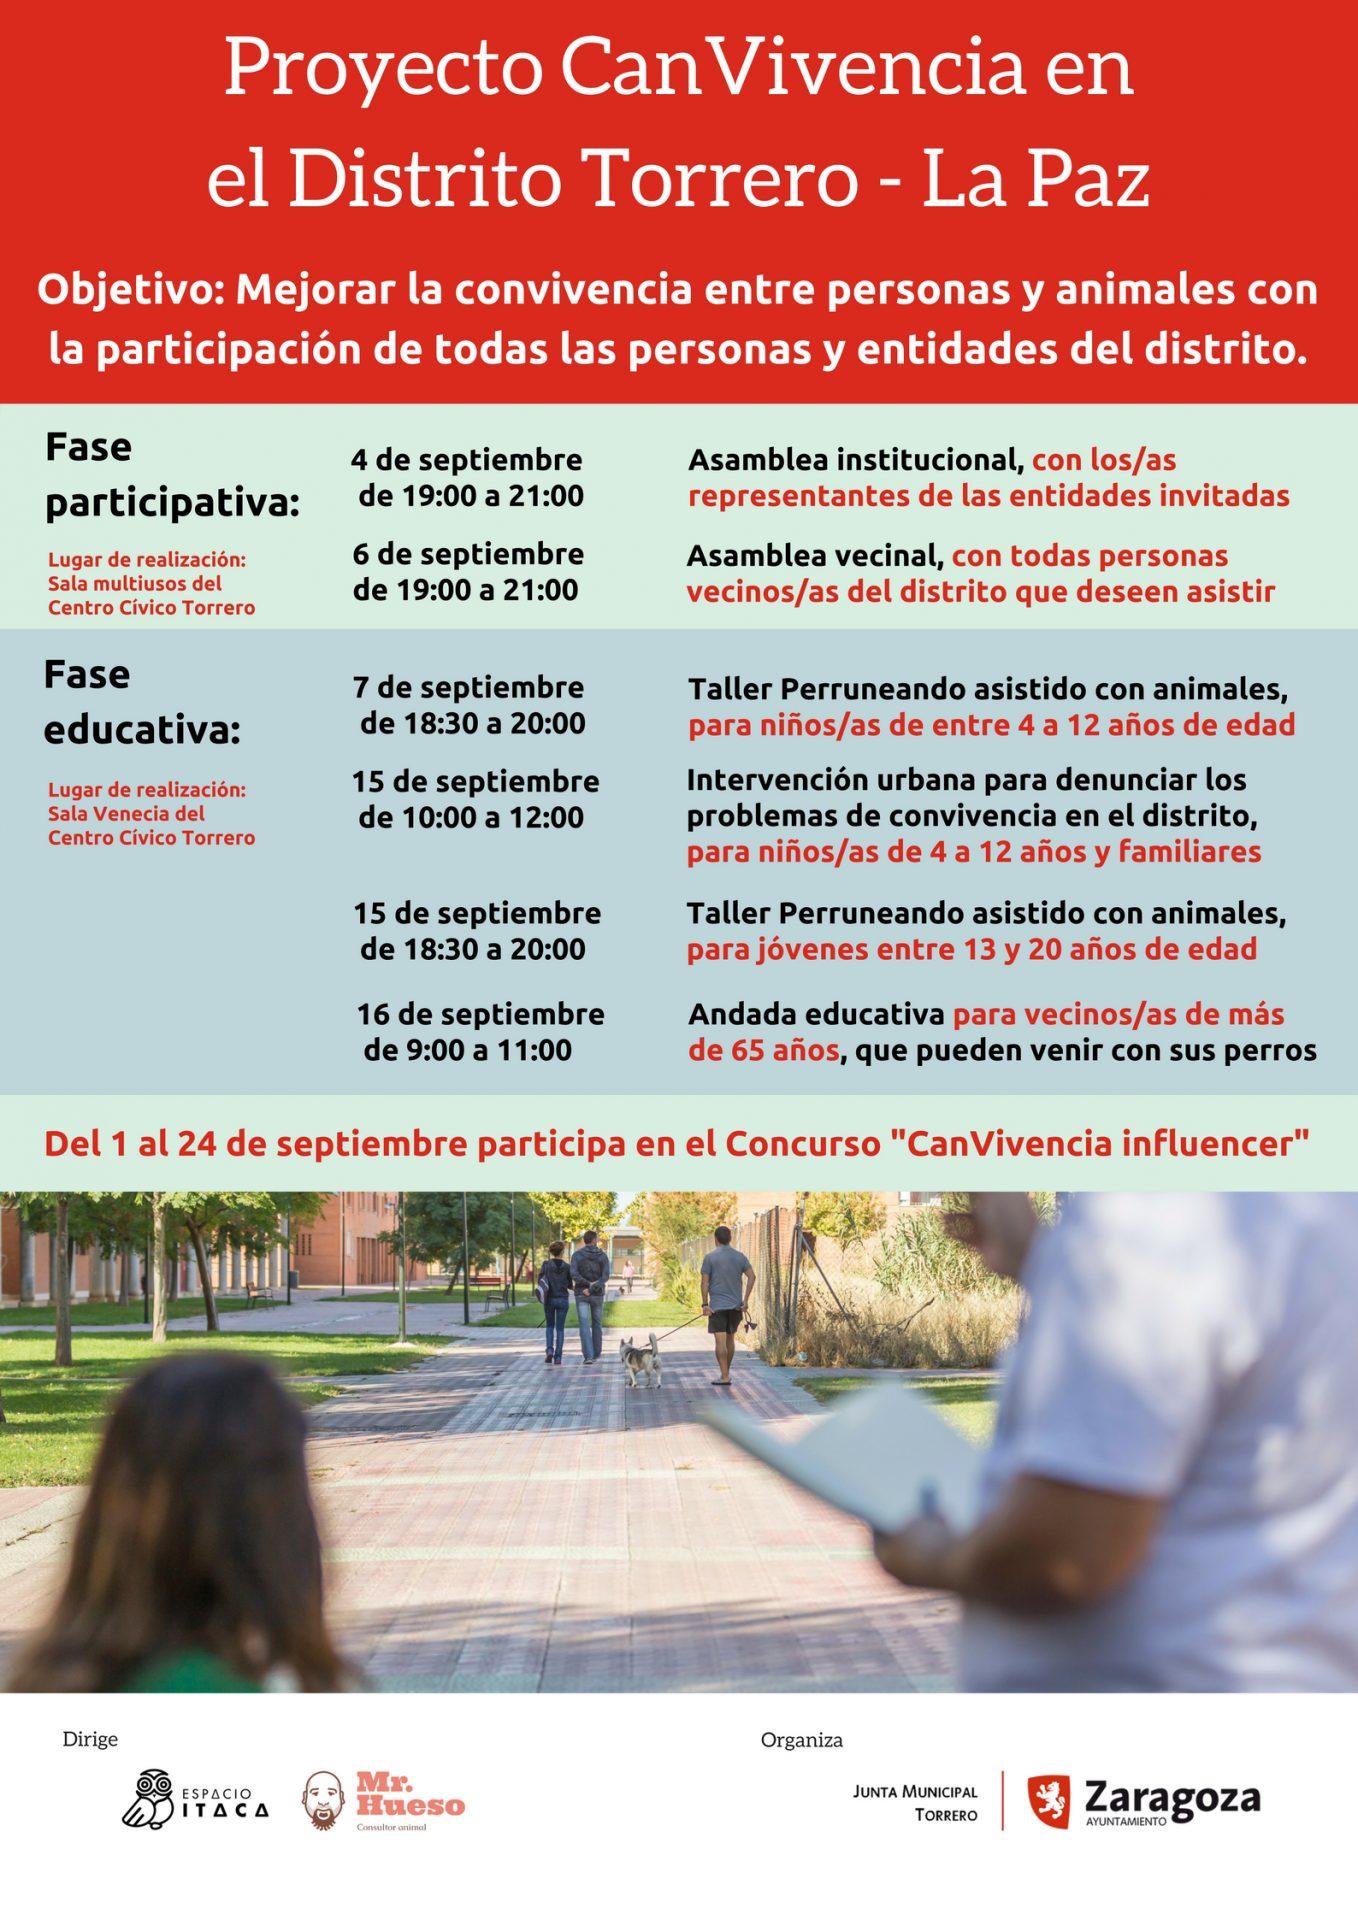 cartel Proyecto CanVivencia en Torrero - La Paz